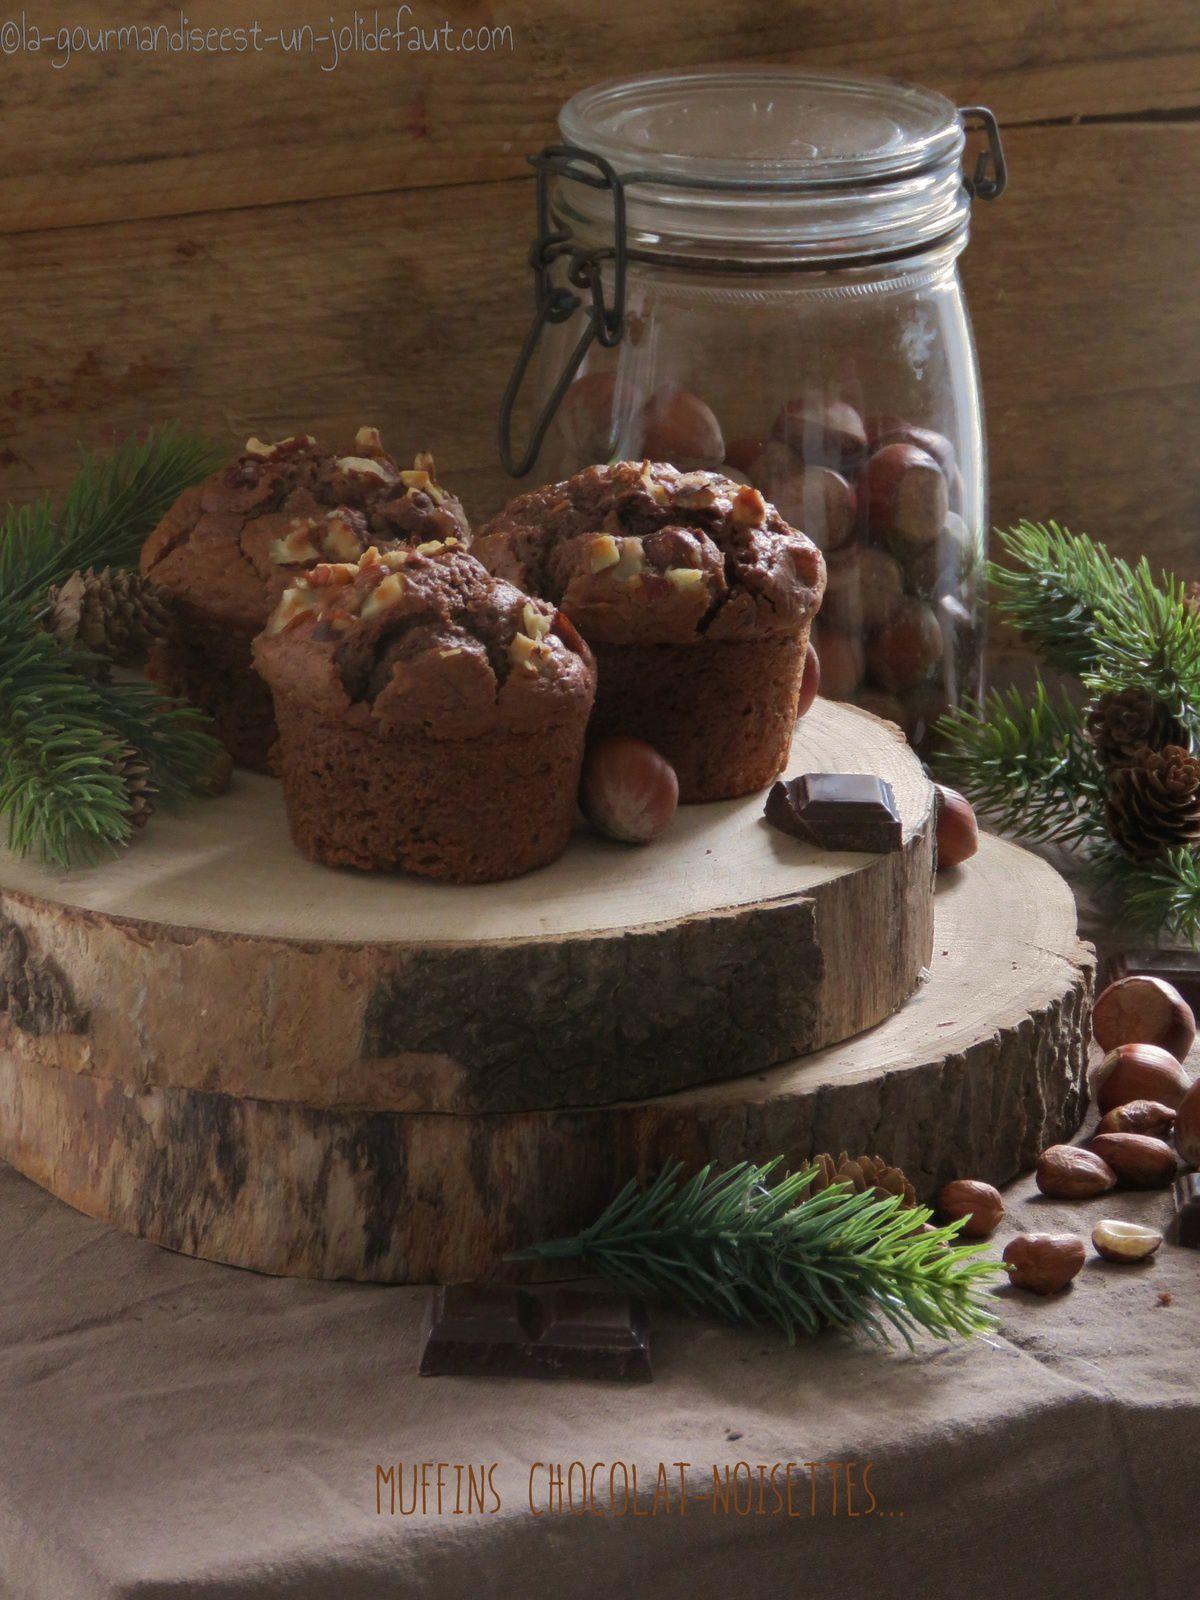 Muffins au chocolat et noisettes